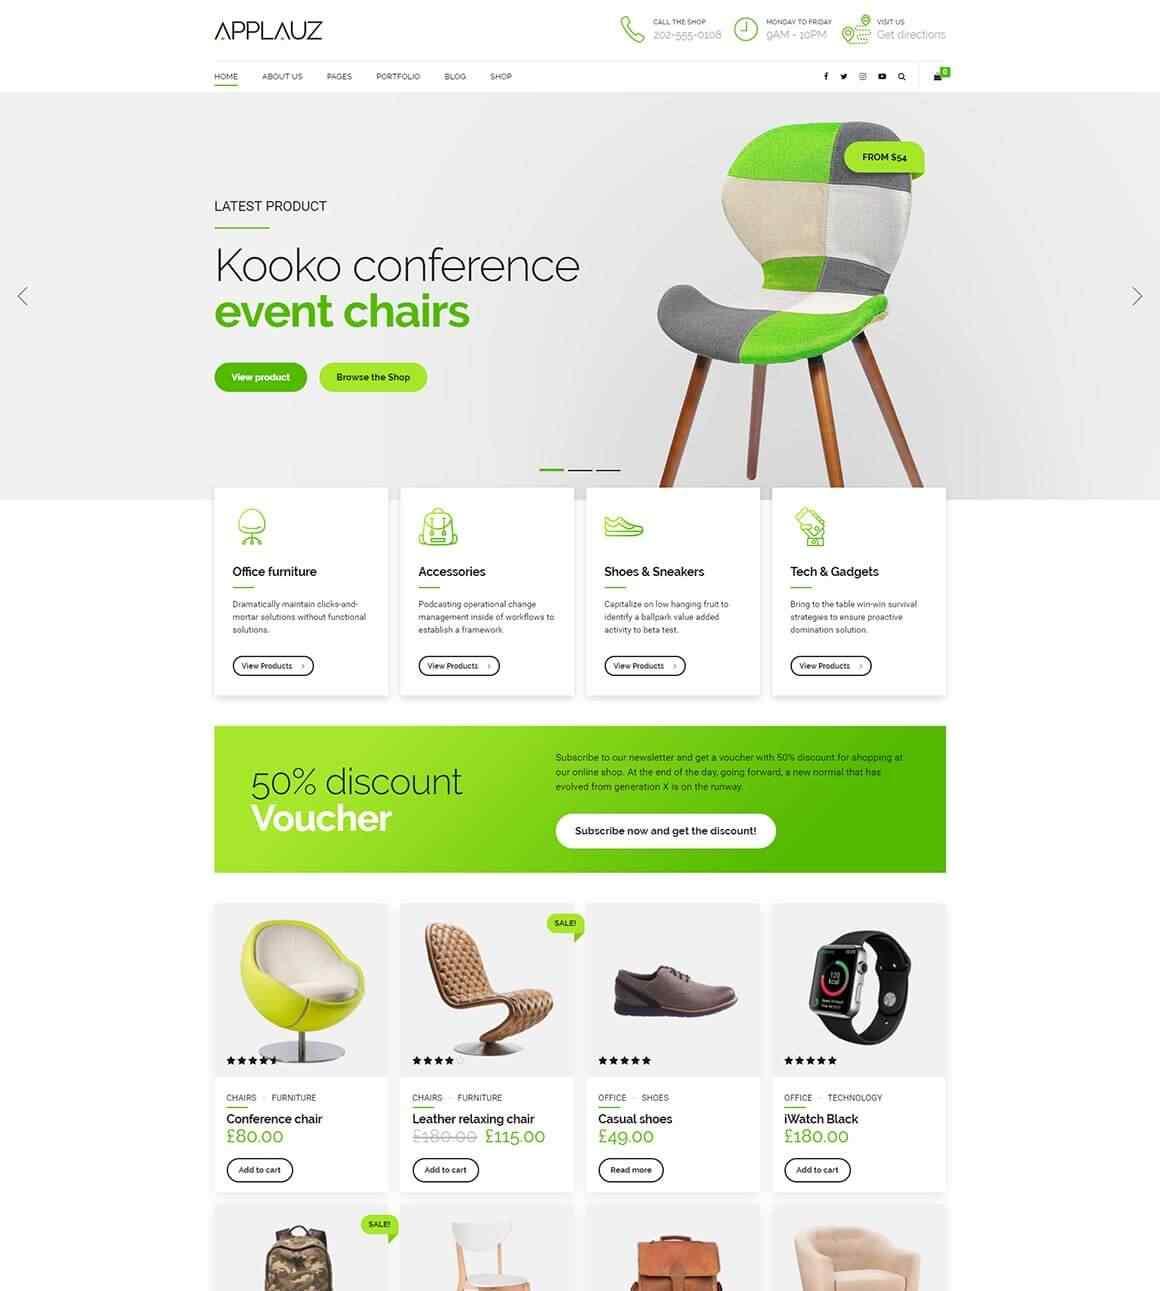 http://www.sengex.com/wp-content/uploads/2017/11/Screenshot-Shop.jpg